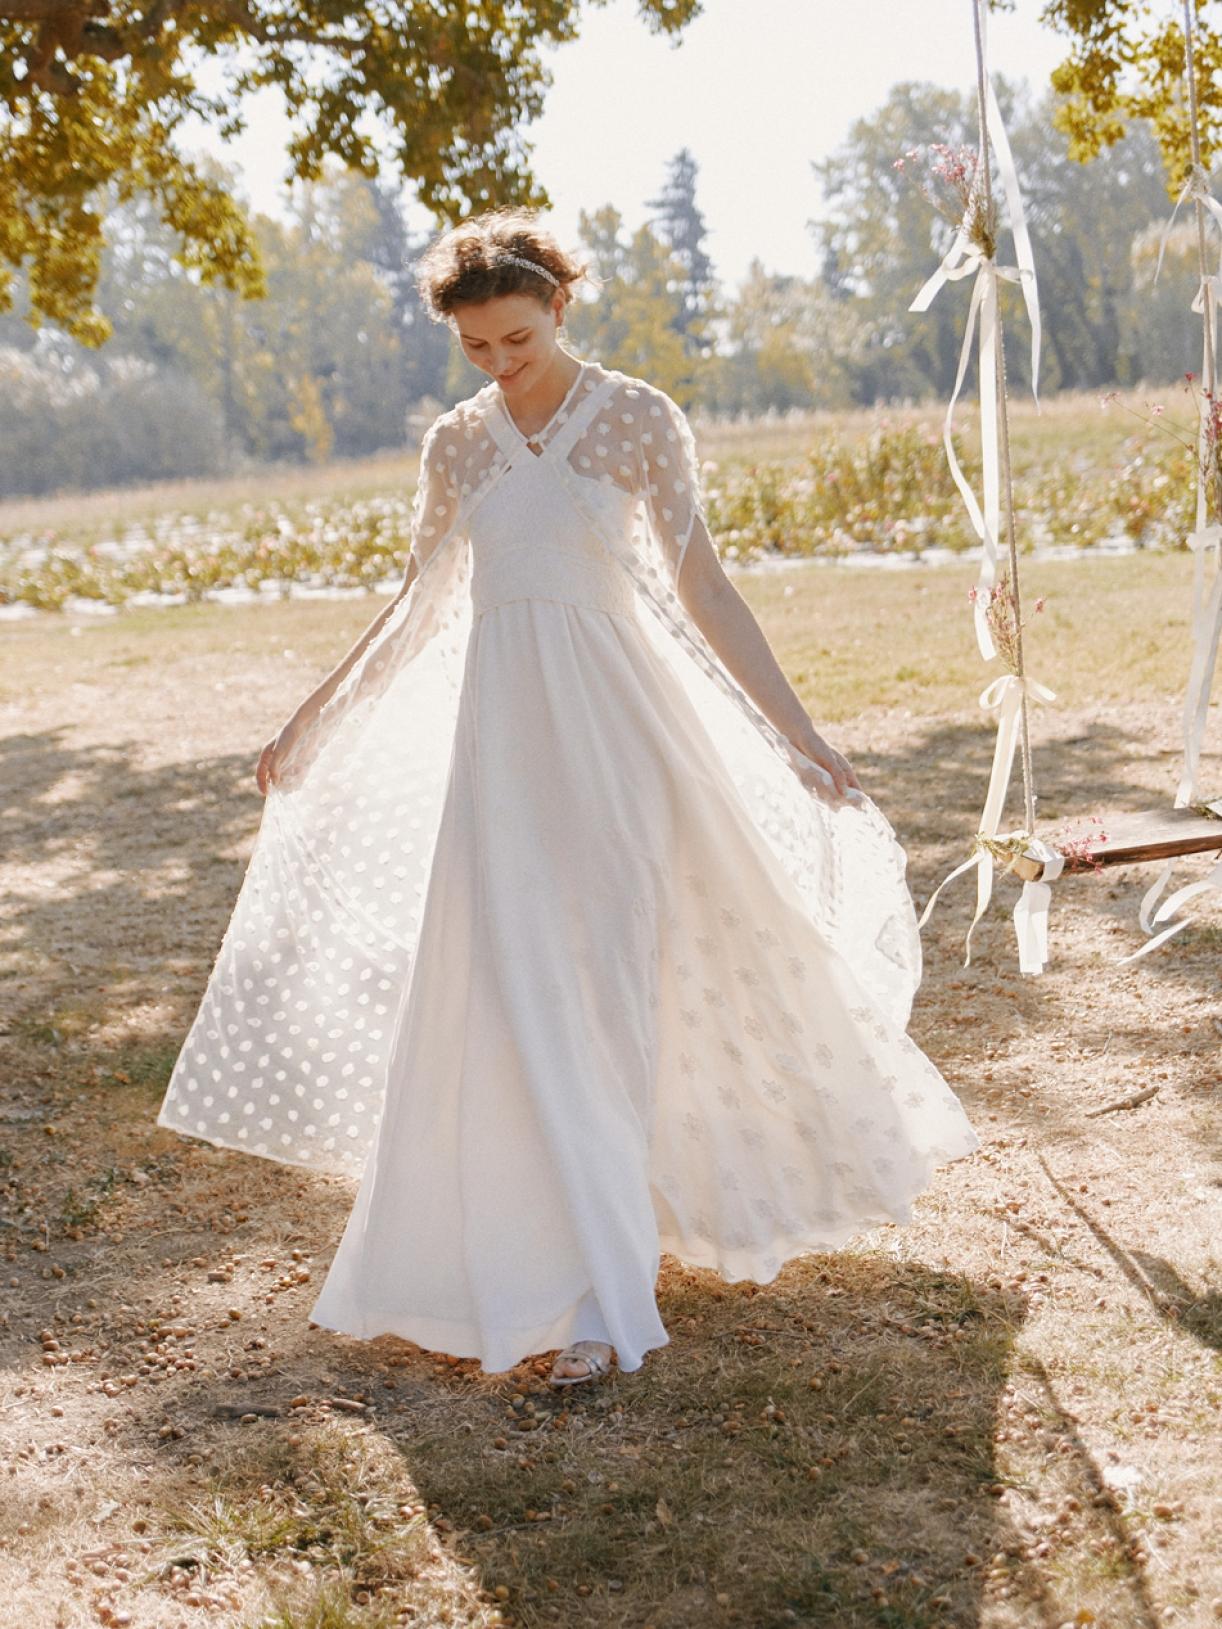 Robe de mariée créateur longue écoresponsable à Paris - Myphilosophy